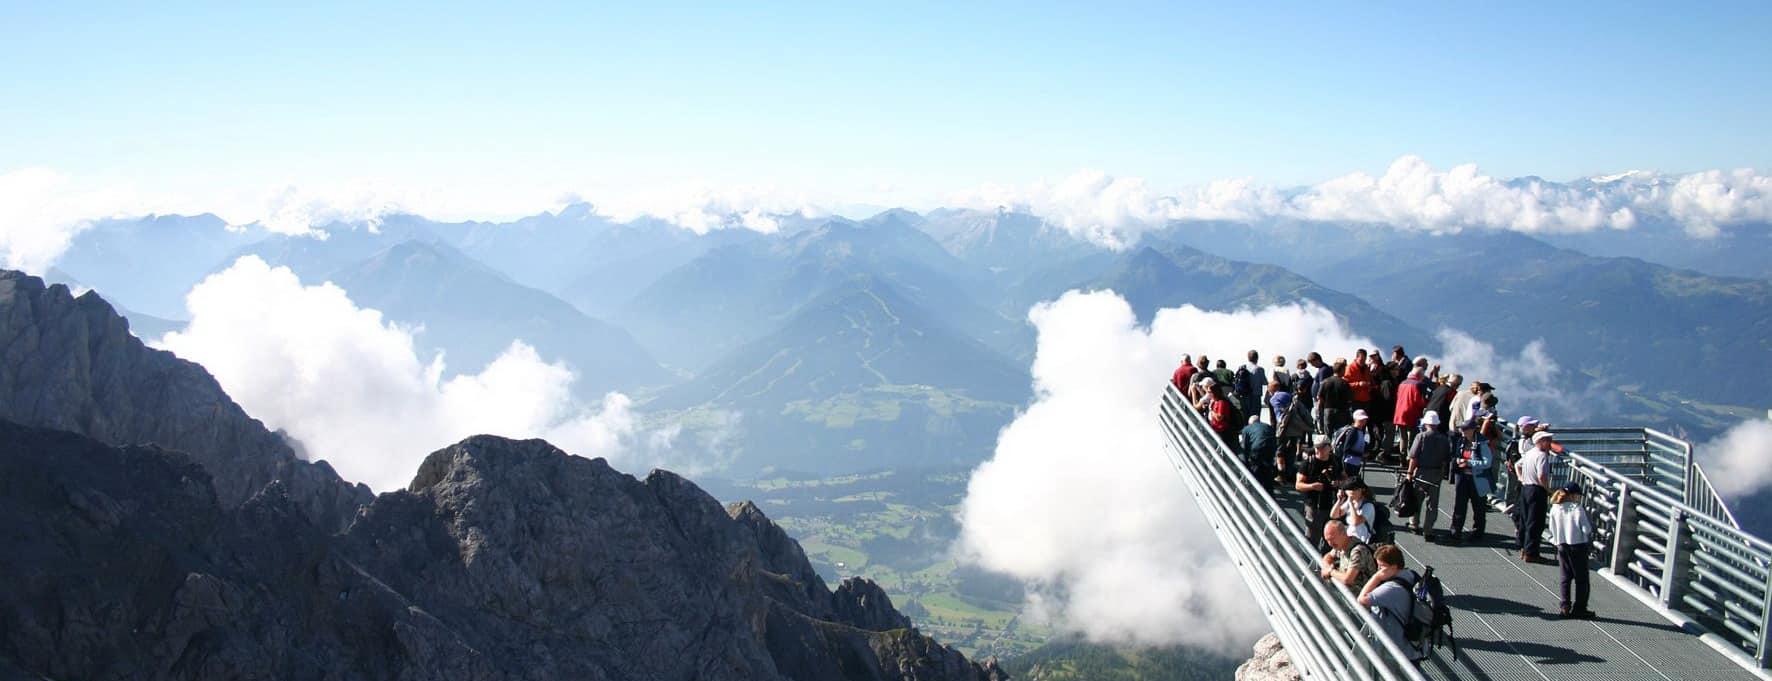 Utsiktsplattform nära Dachsteins topp Semester i Österrike